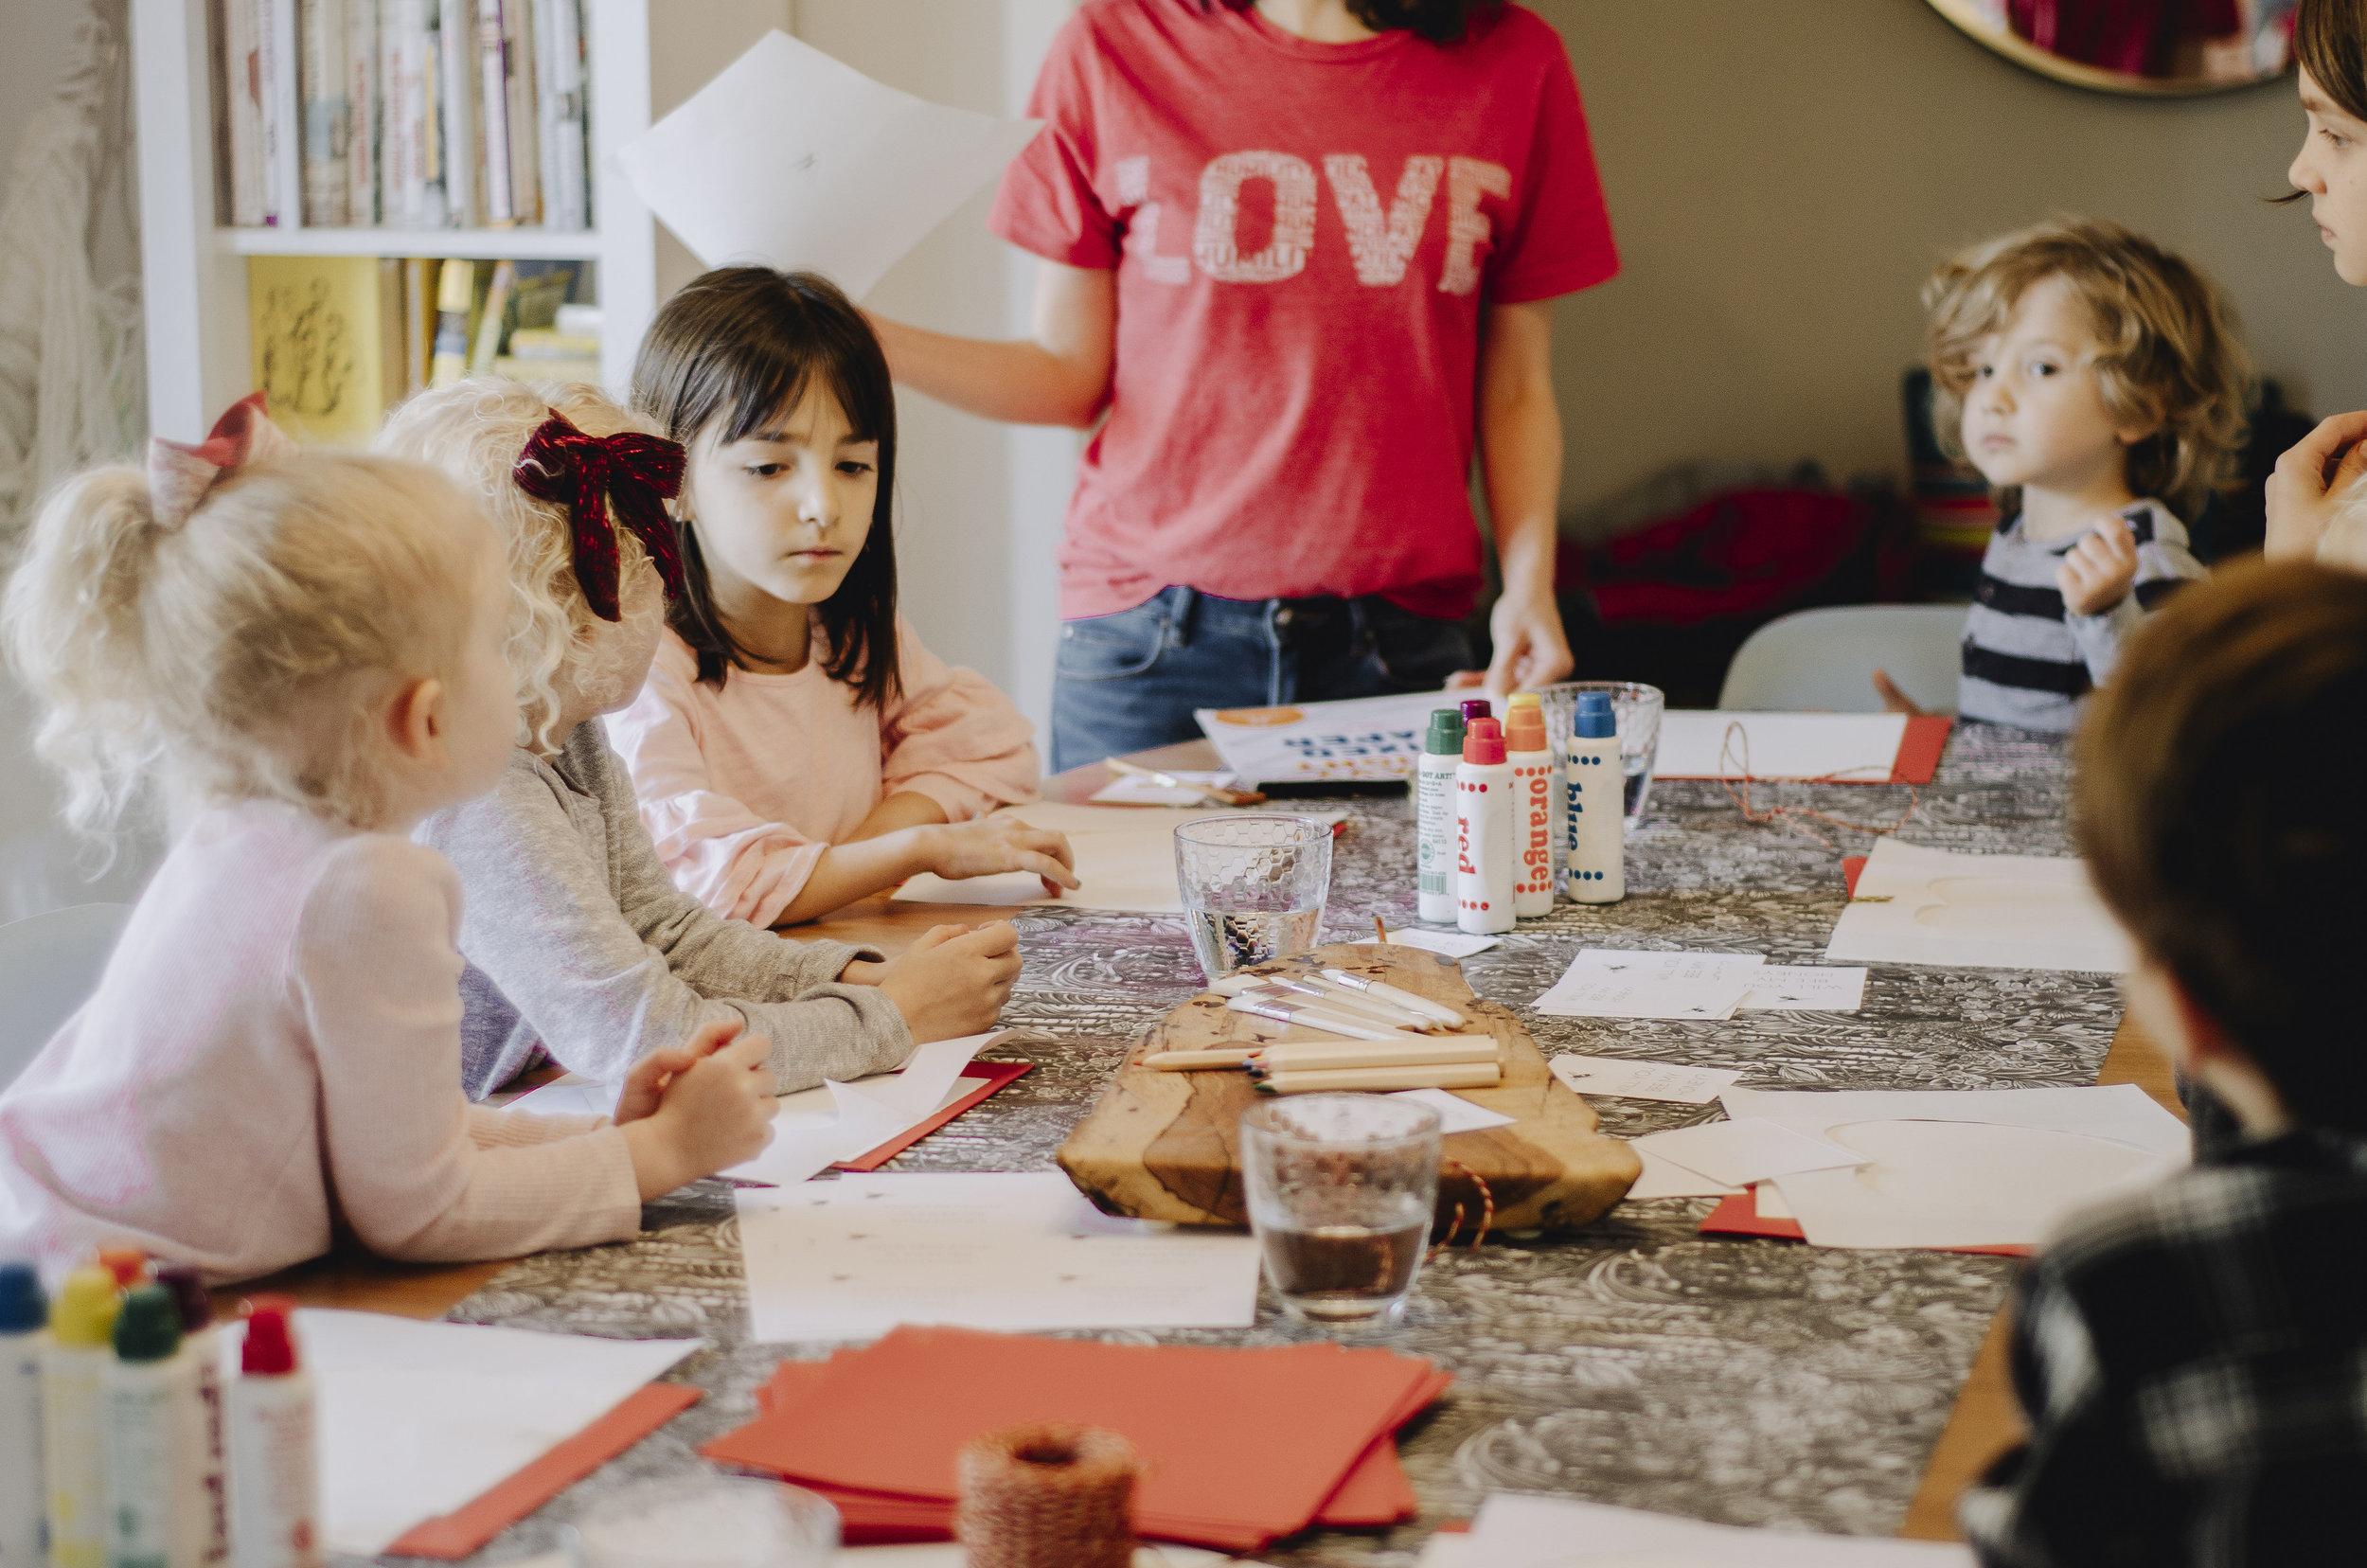 Valentinesparty-13.jpg